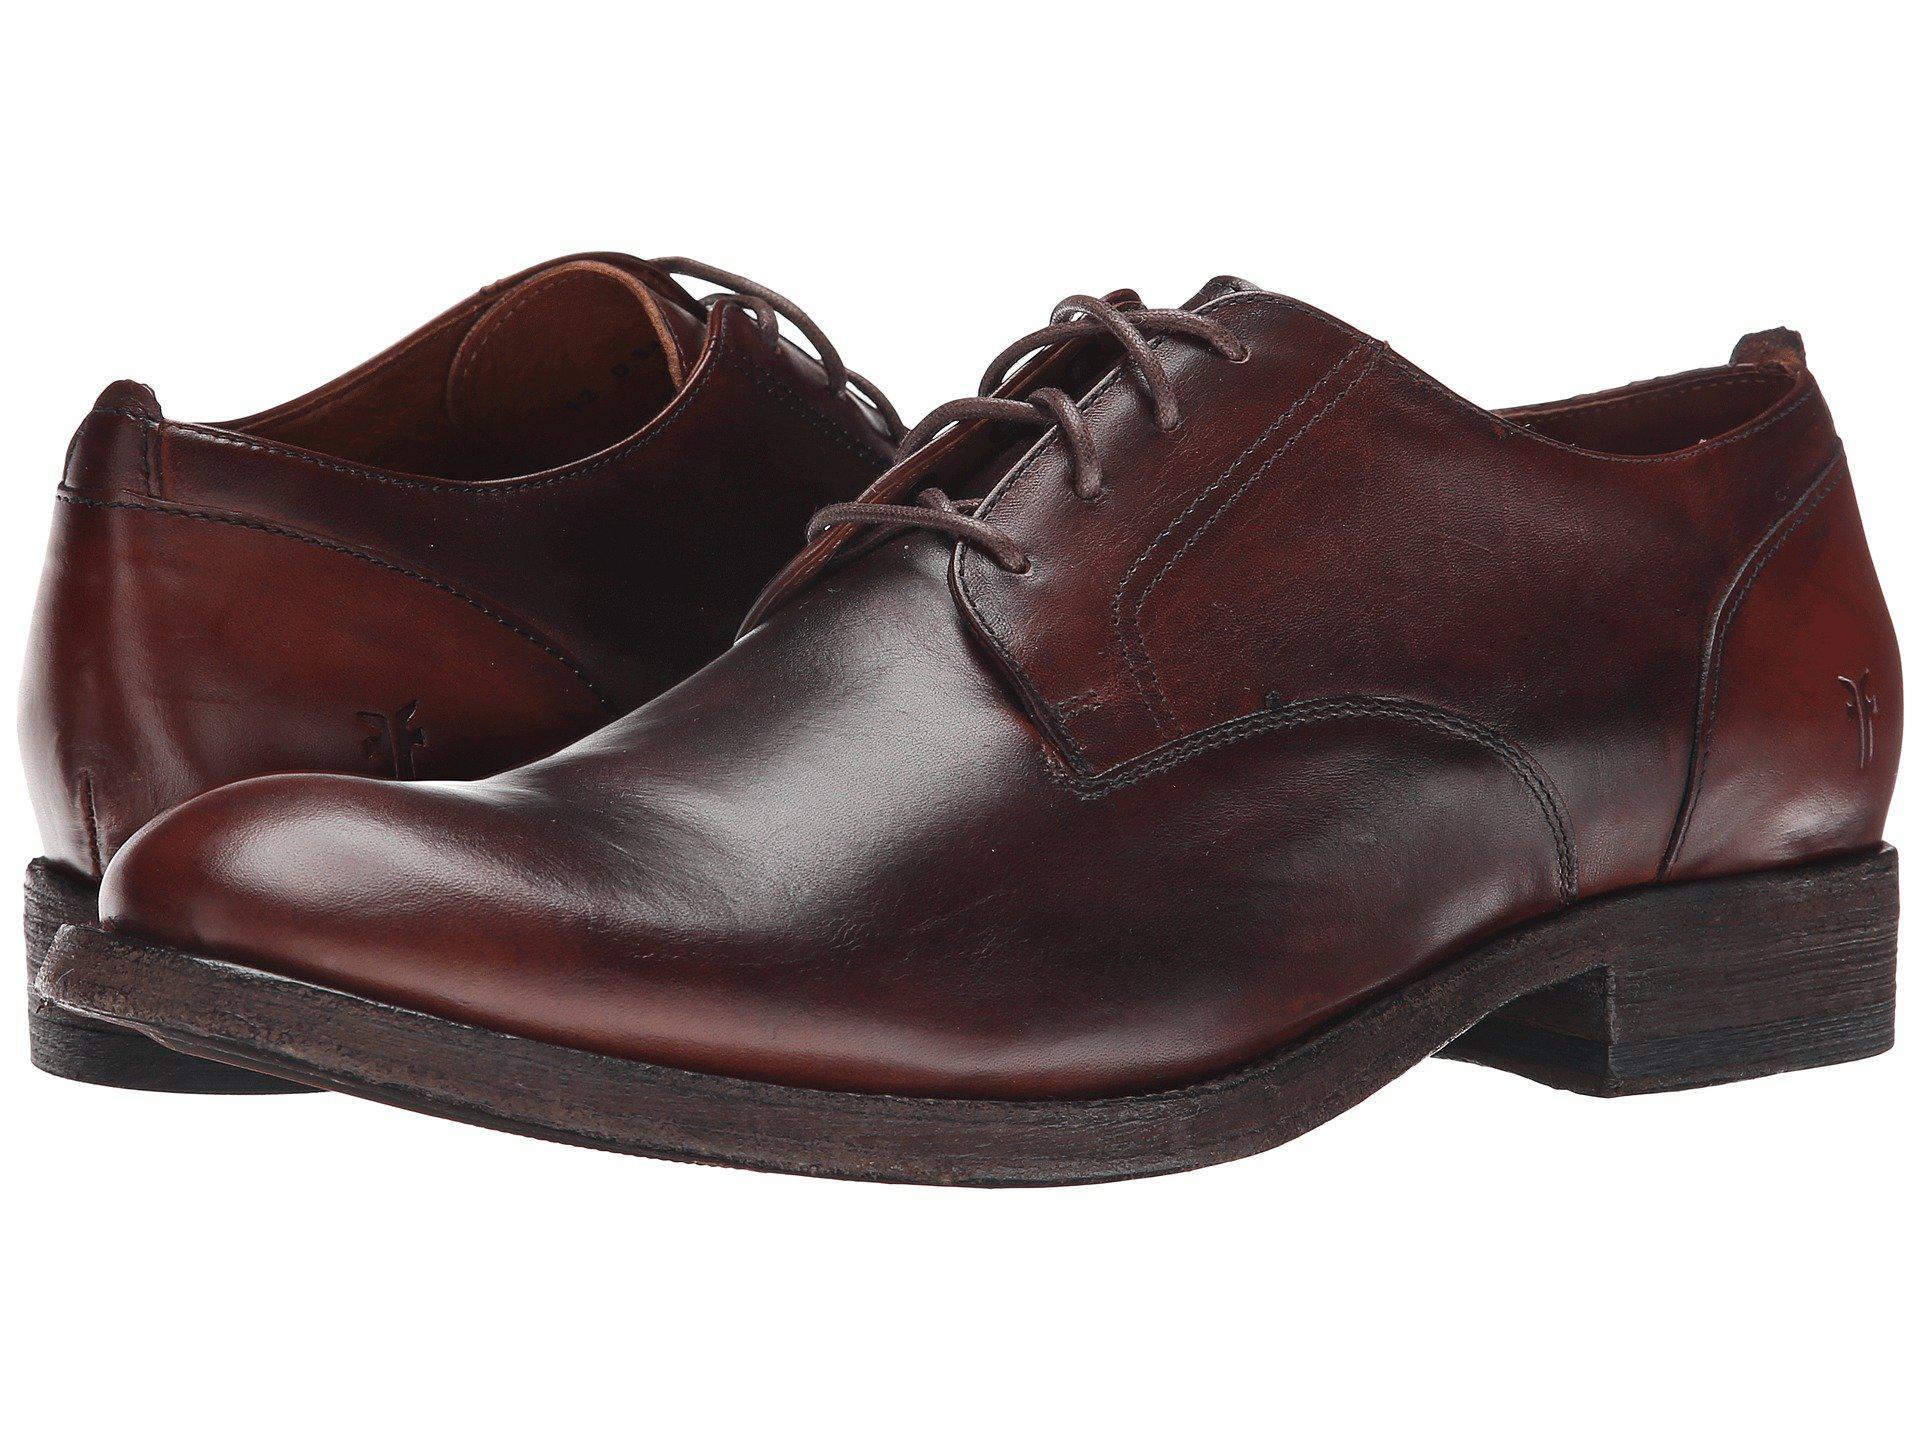 Frye. Men's Brown Jacob Oxford